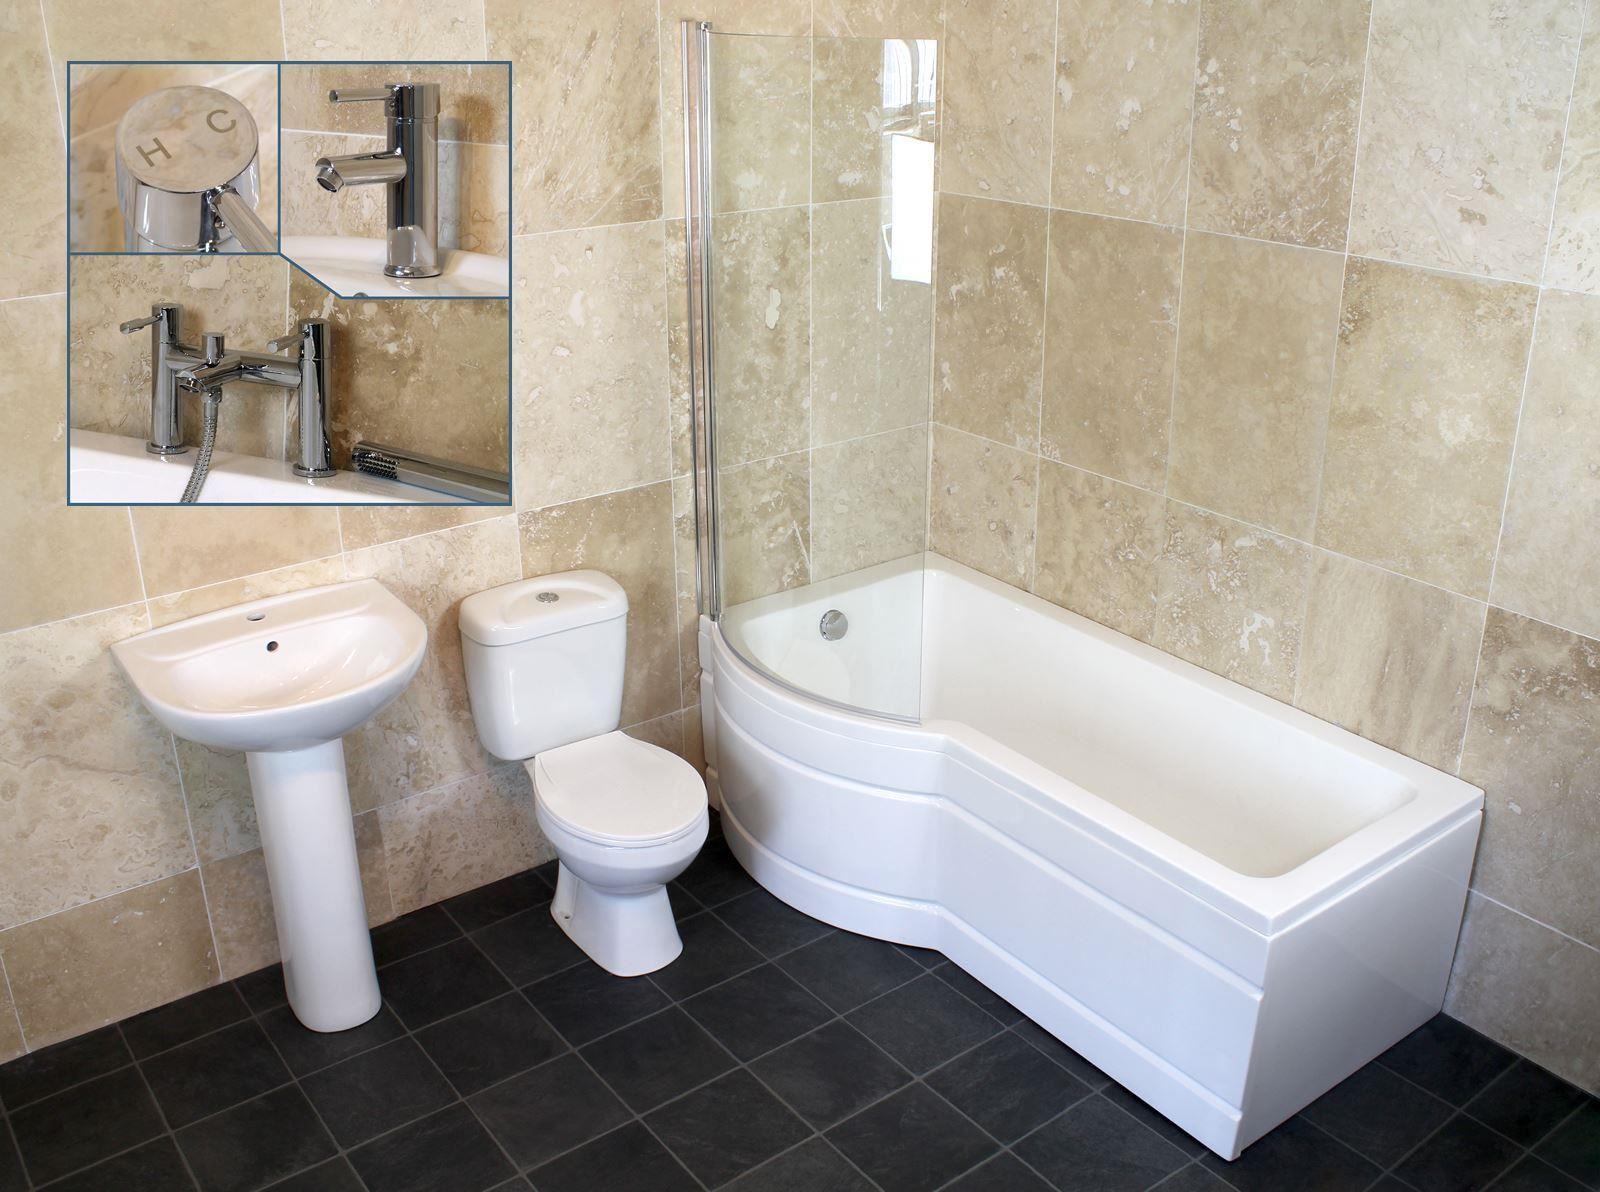 P shape bathroom suites - Complete 1500mm Or 1700mm P Shape Shower Bath